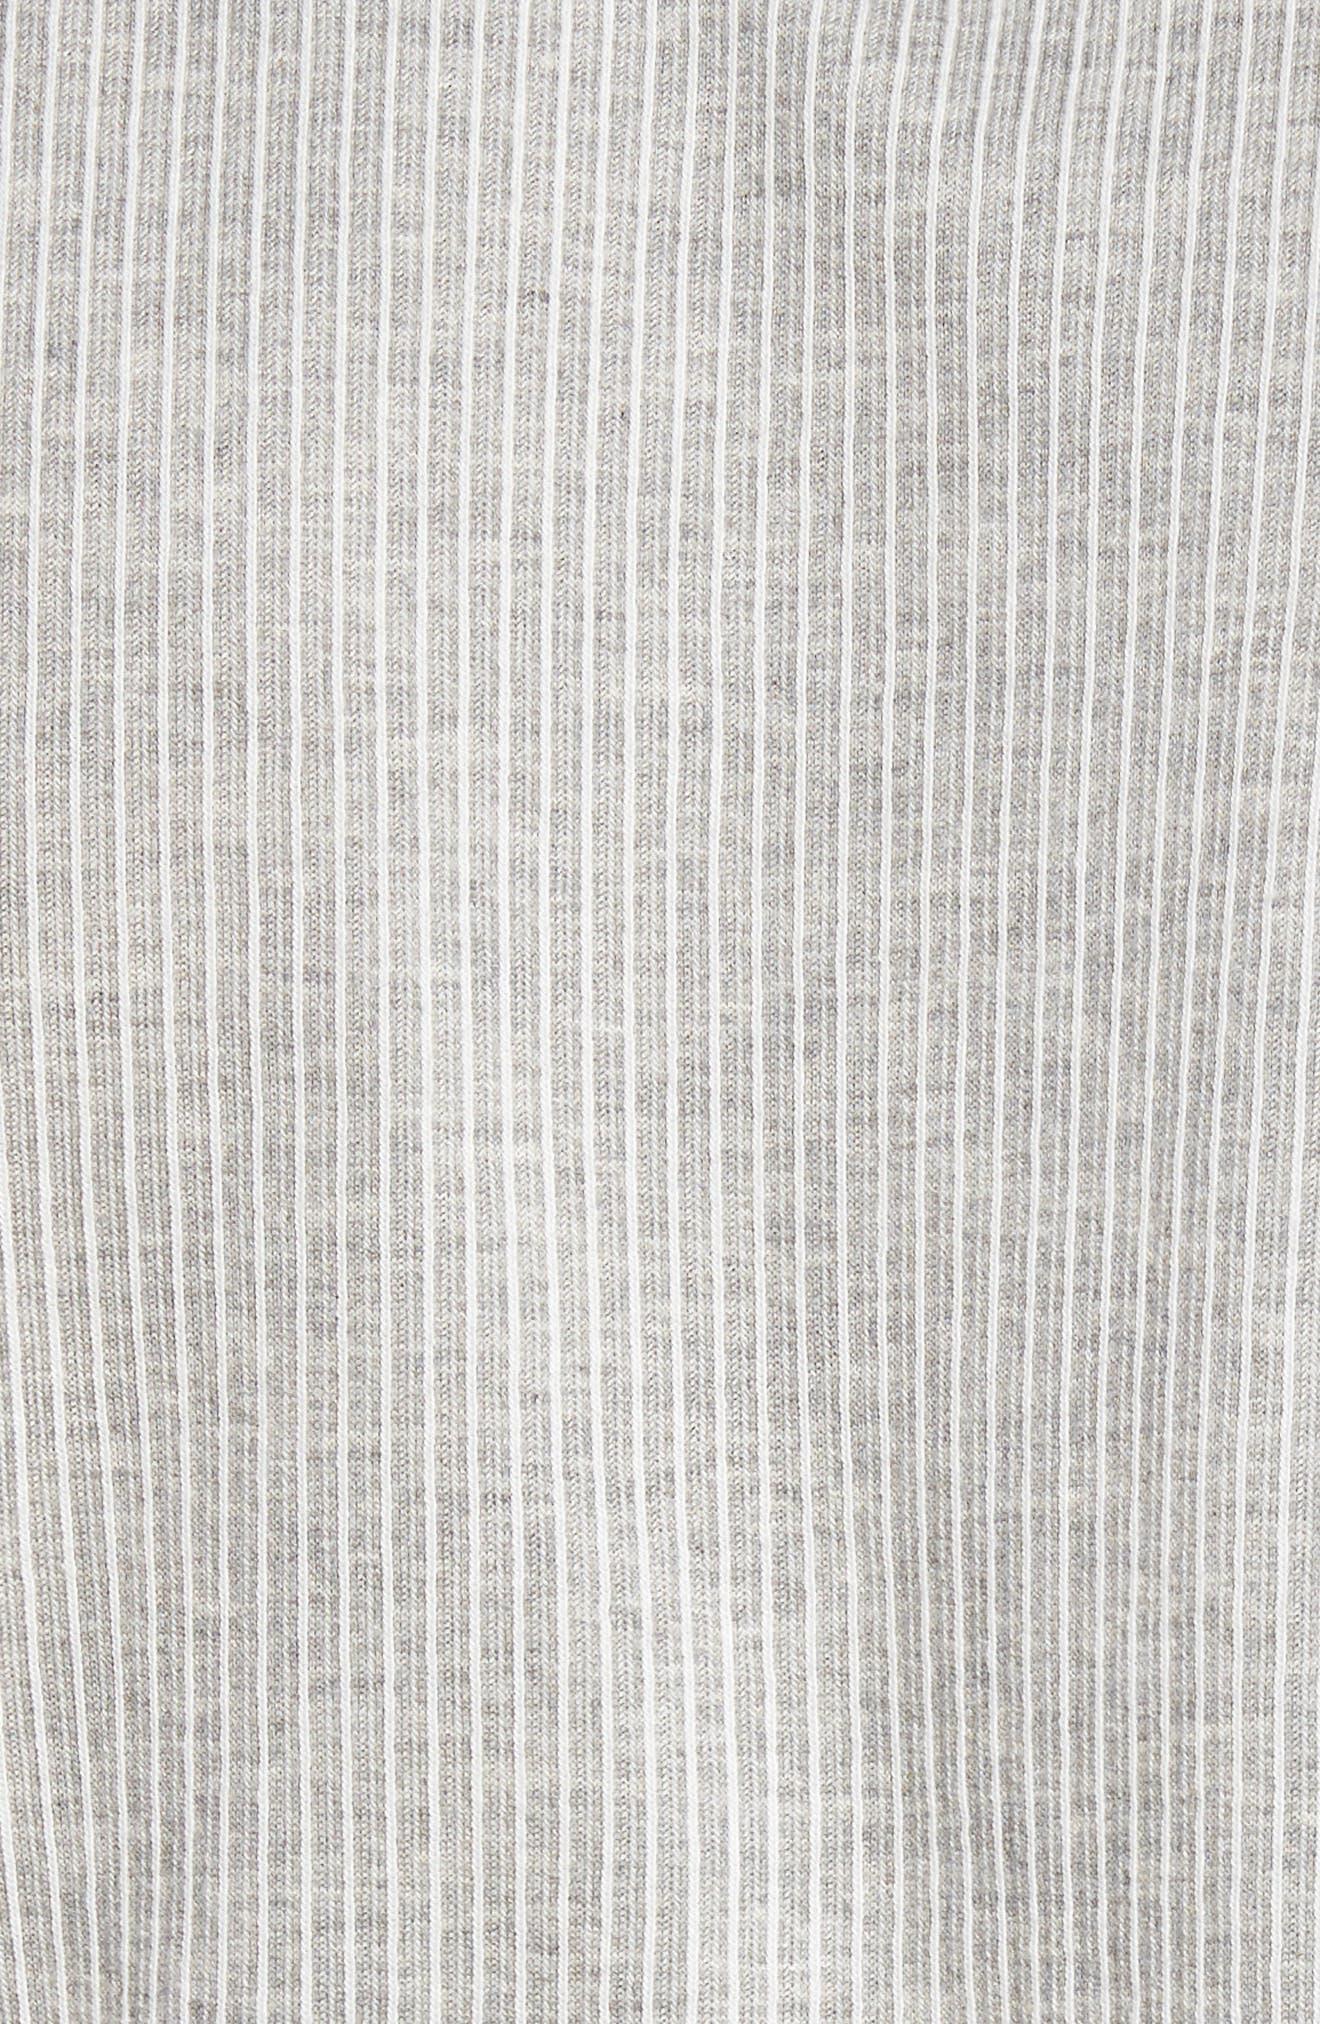 Stripe Henley,                             Alternate thumbnail 5, color,                             020